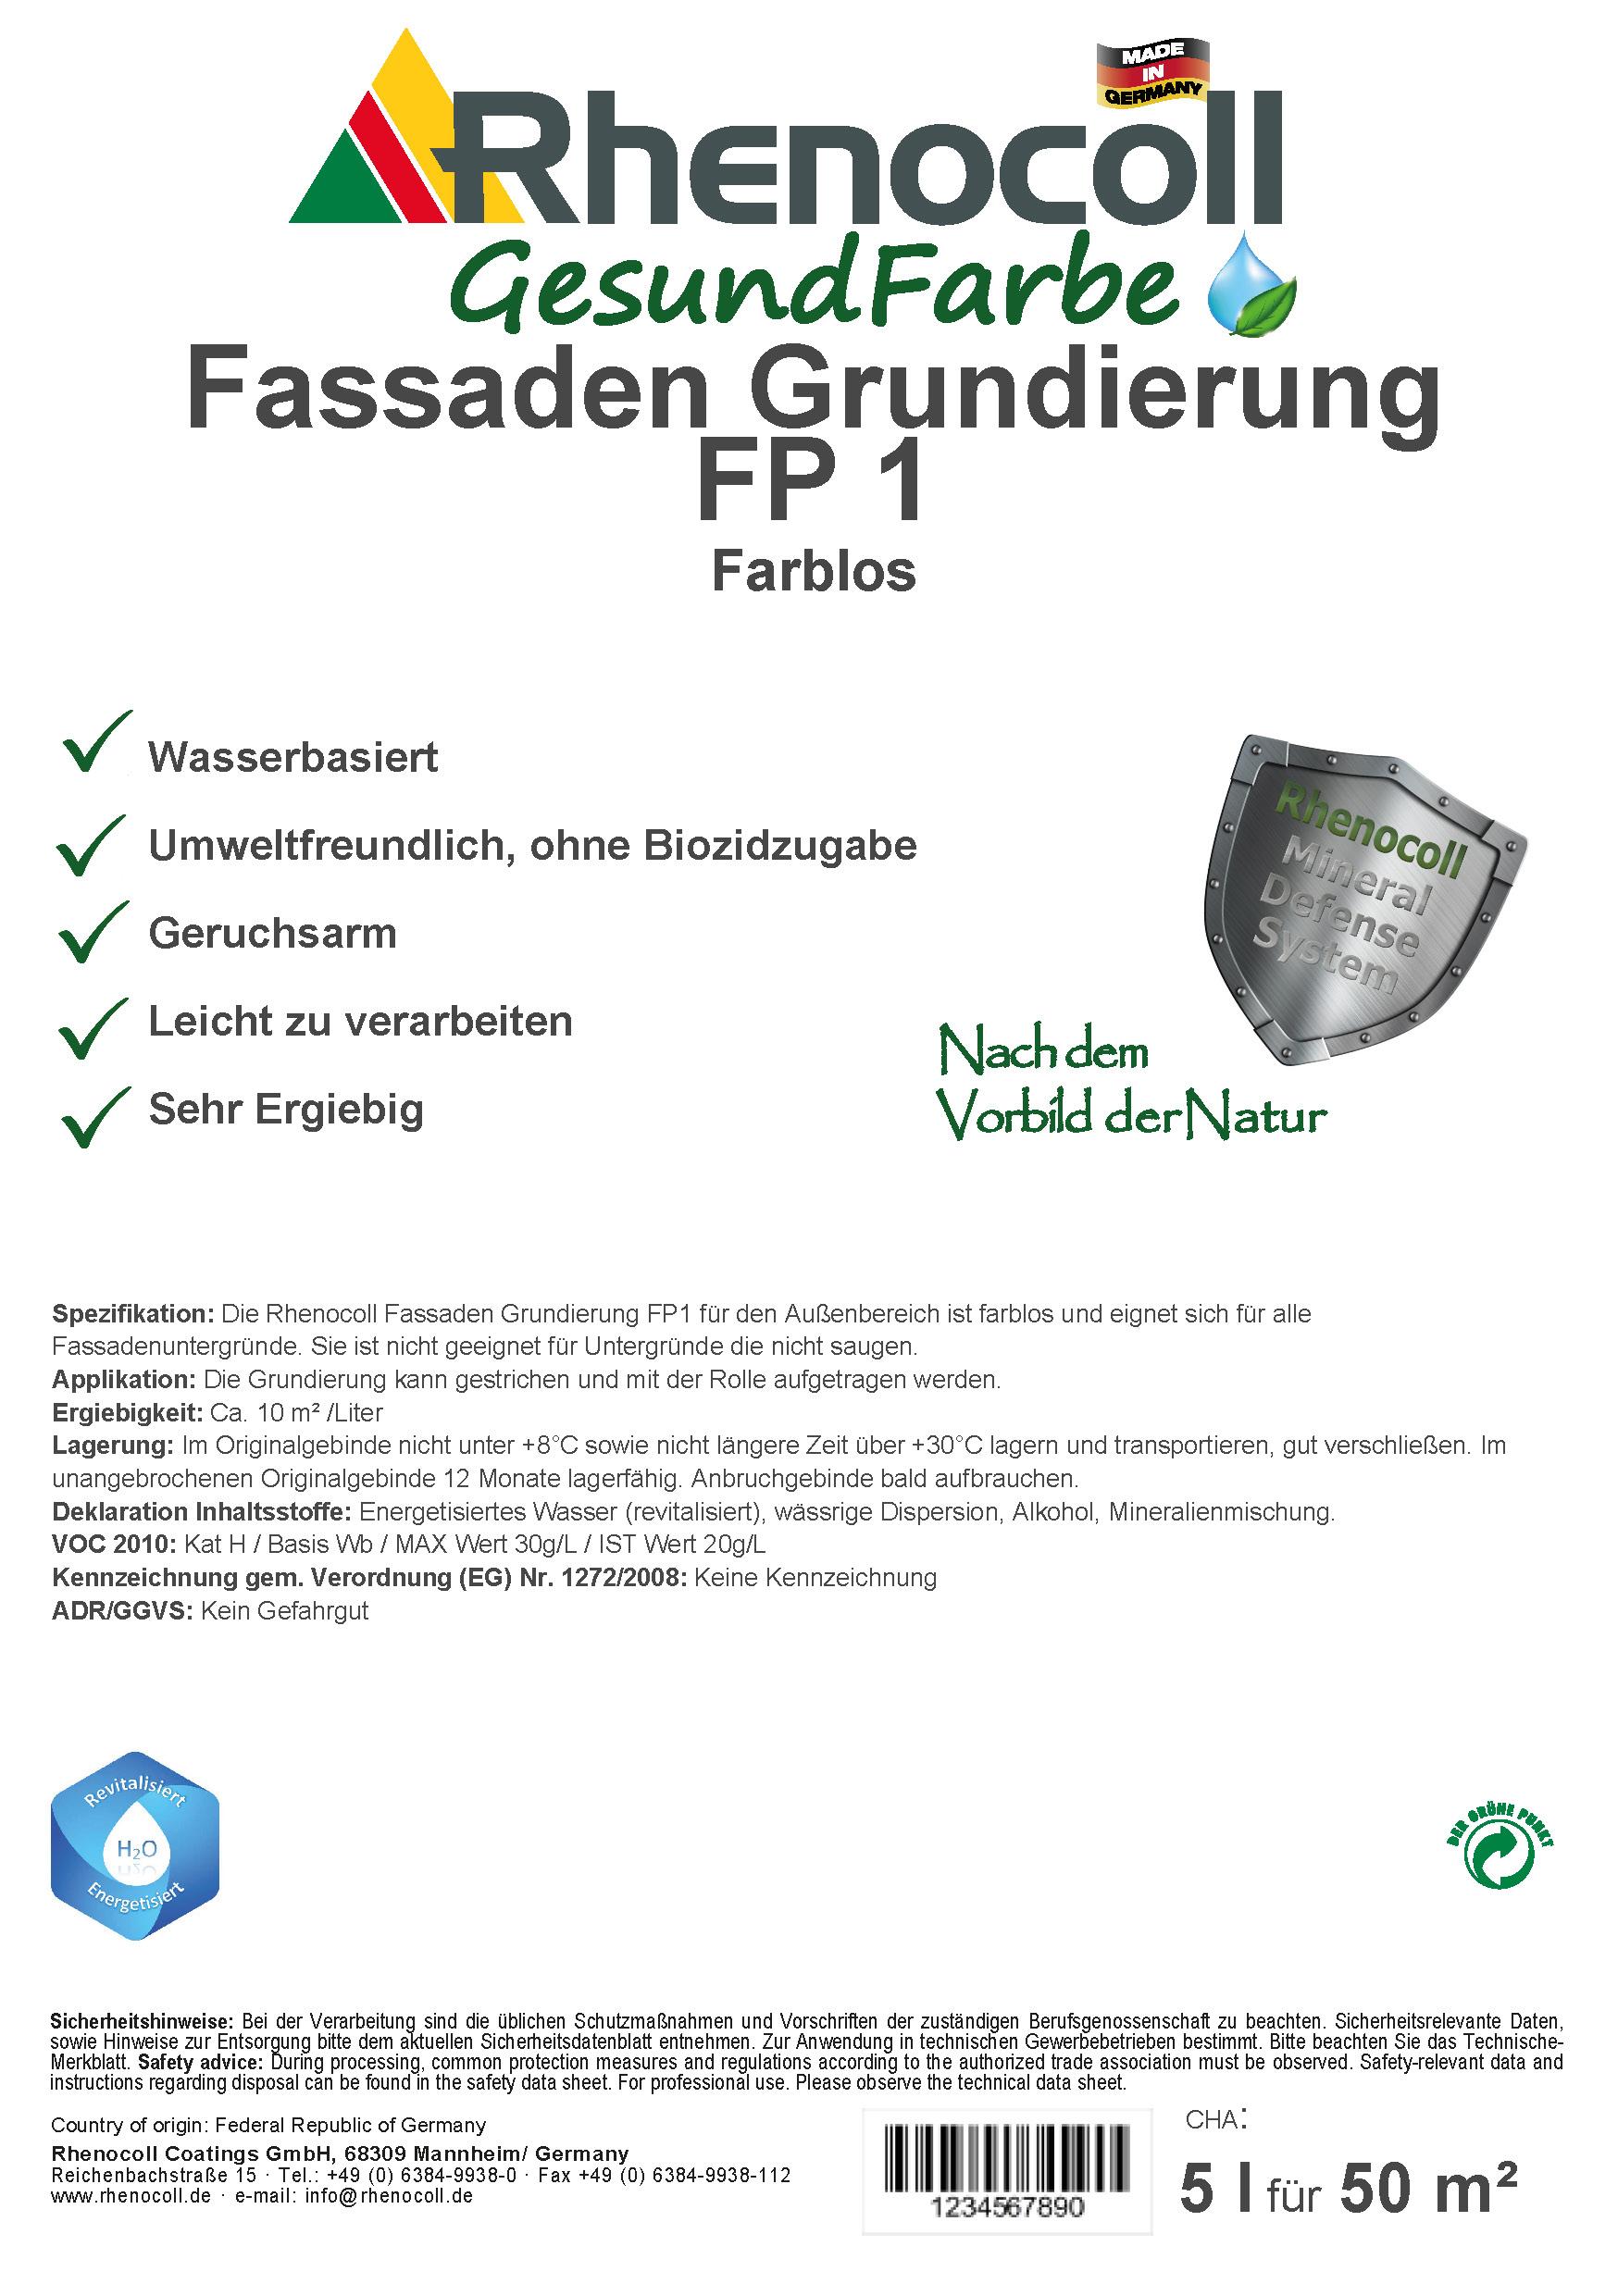 Fassaden Grundierung FP1